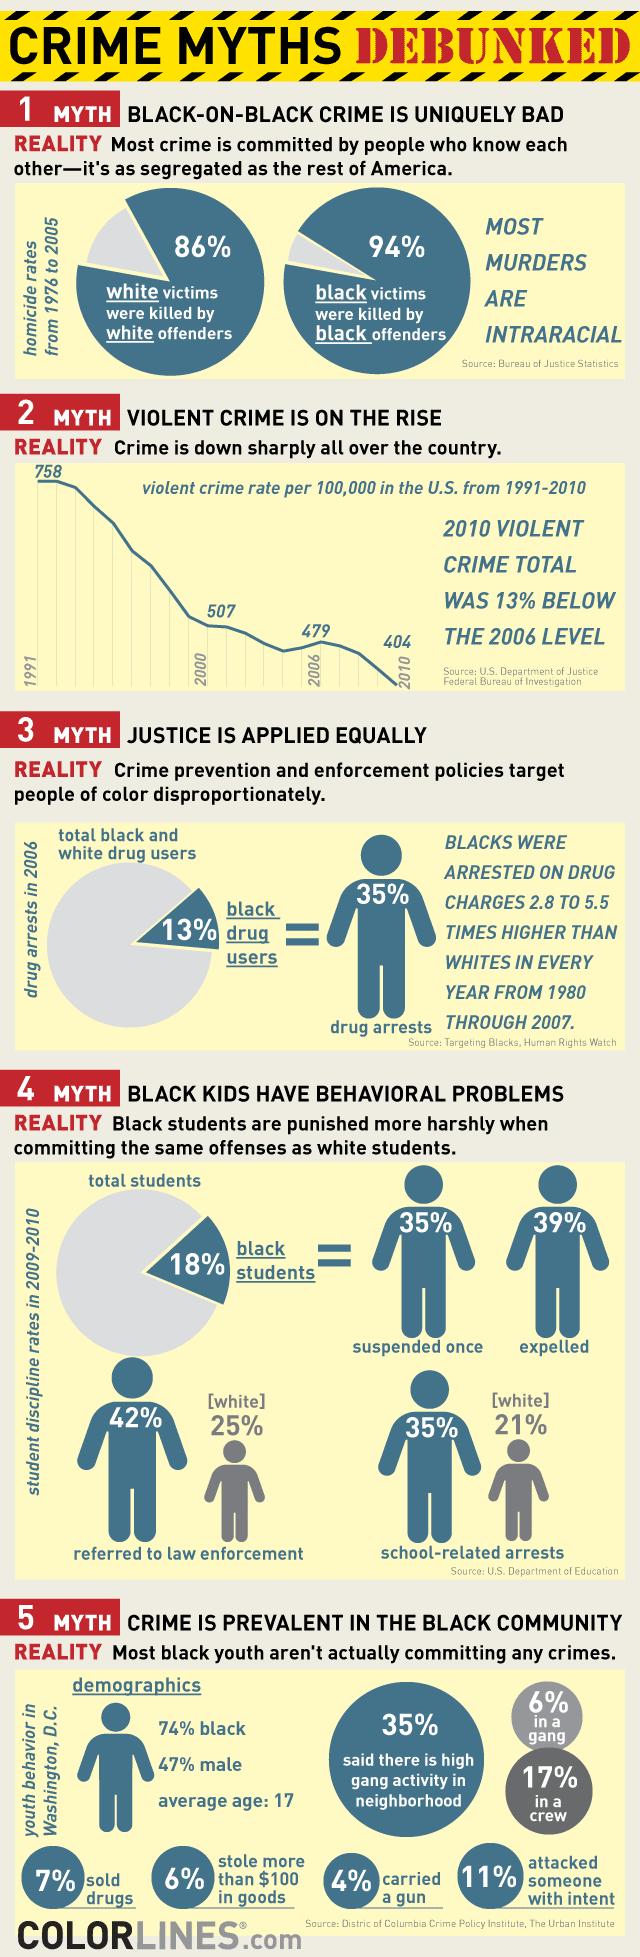 crime_myths